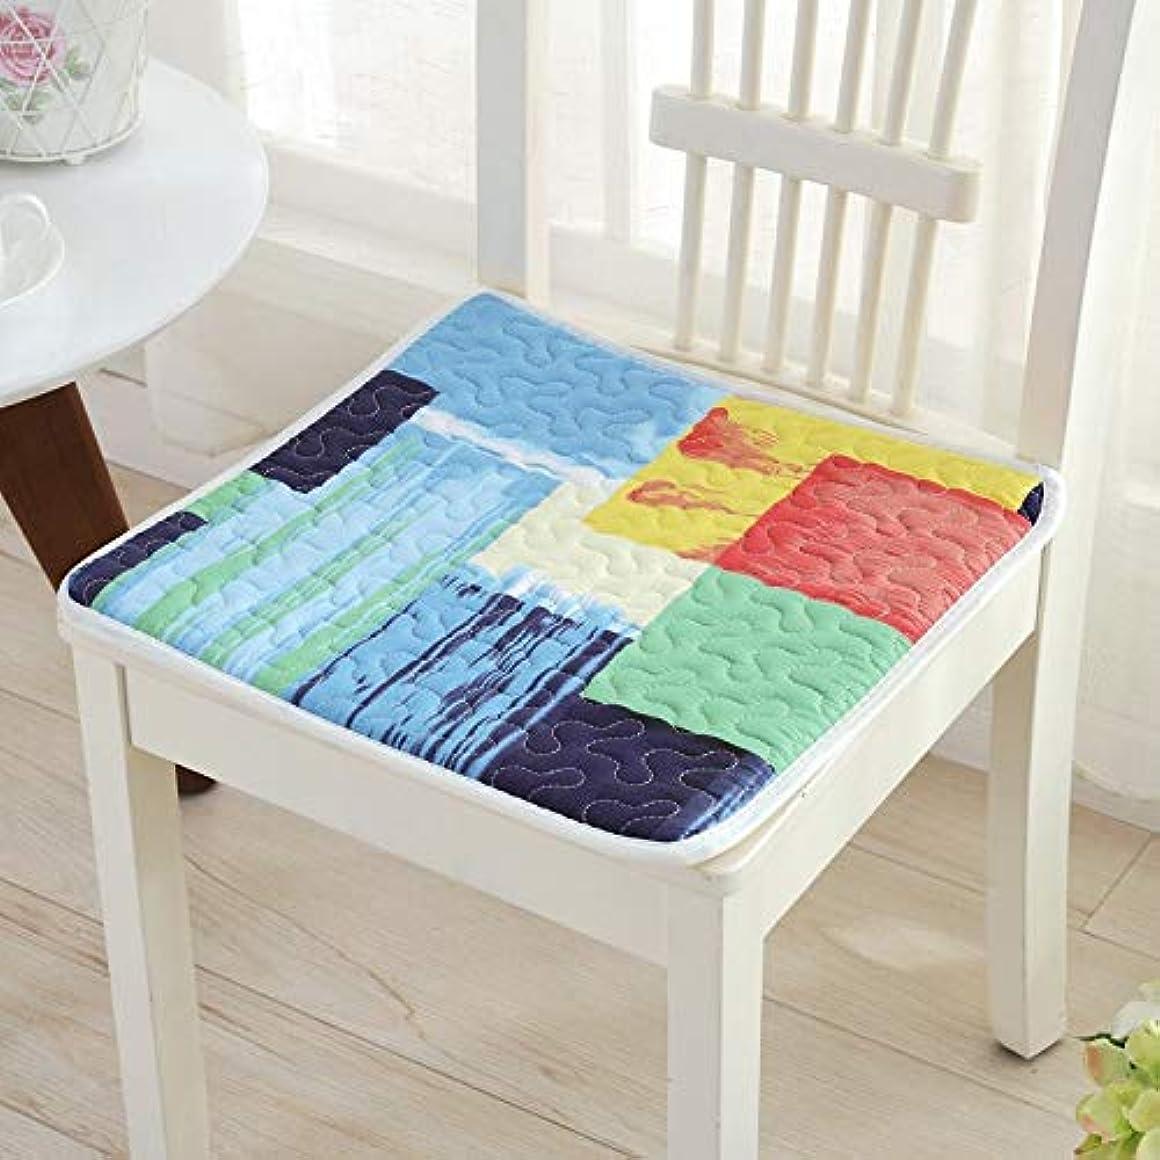 恥歌手追跡LIFE 現代スーパーソフト椅子クッション非スリップシートクッションマットソファホームデコレーションバッククッションチェアパッド 40*40/45*45/50*50 センチメートル クッション 椅子